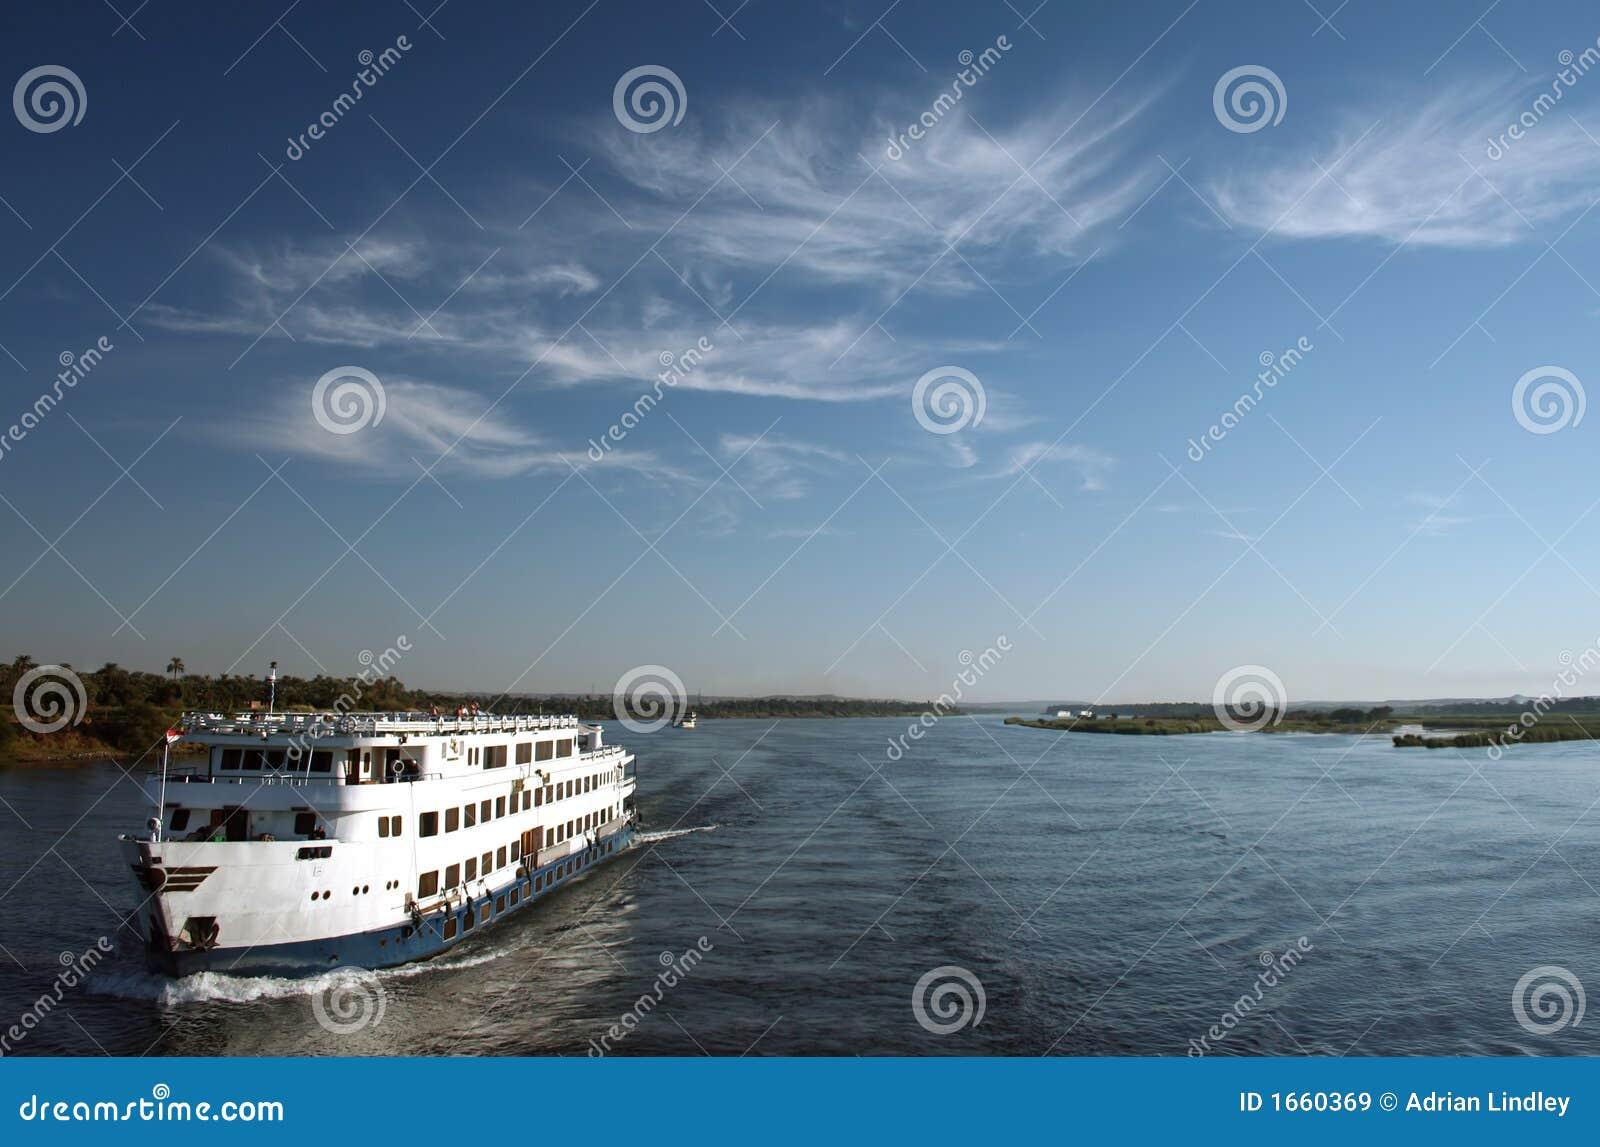 Reiseflug-Boot auf dem Fluss Nil, Ägypten.